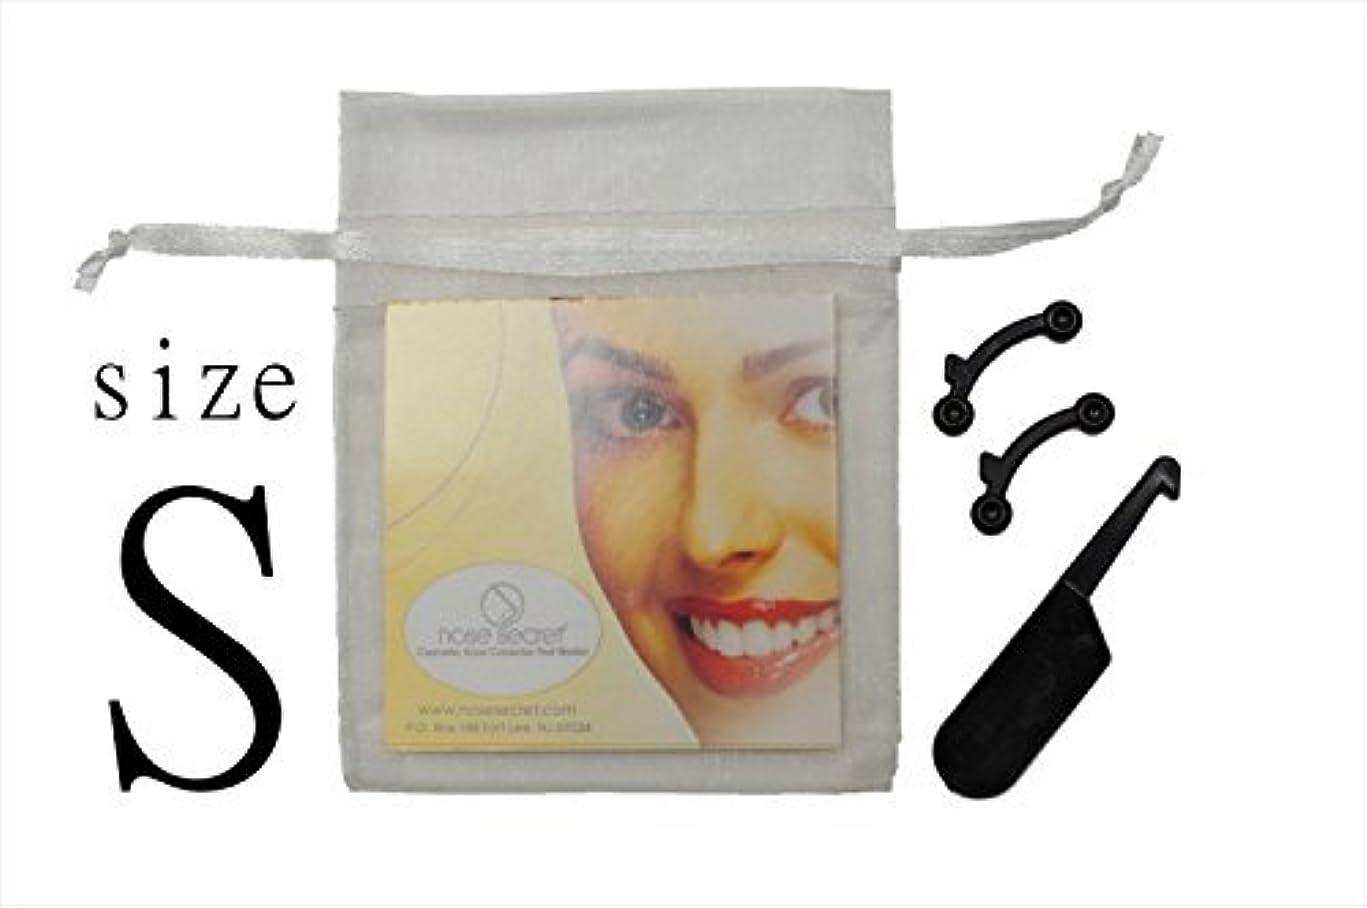 日本語説明書付 鼻プチ! ノーズシークレット サイズ 「S」 正規品 アメリカ製 NOSE SECRET 社製 鼻のアイプチ 手術不要で鼻が高くなる!